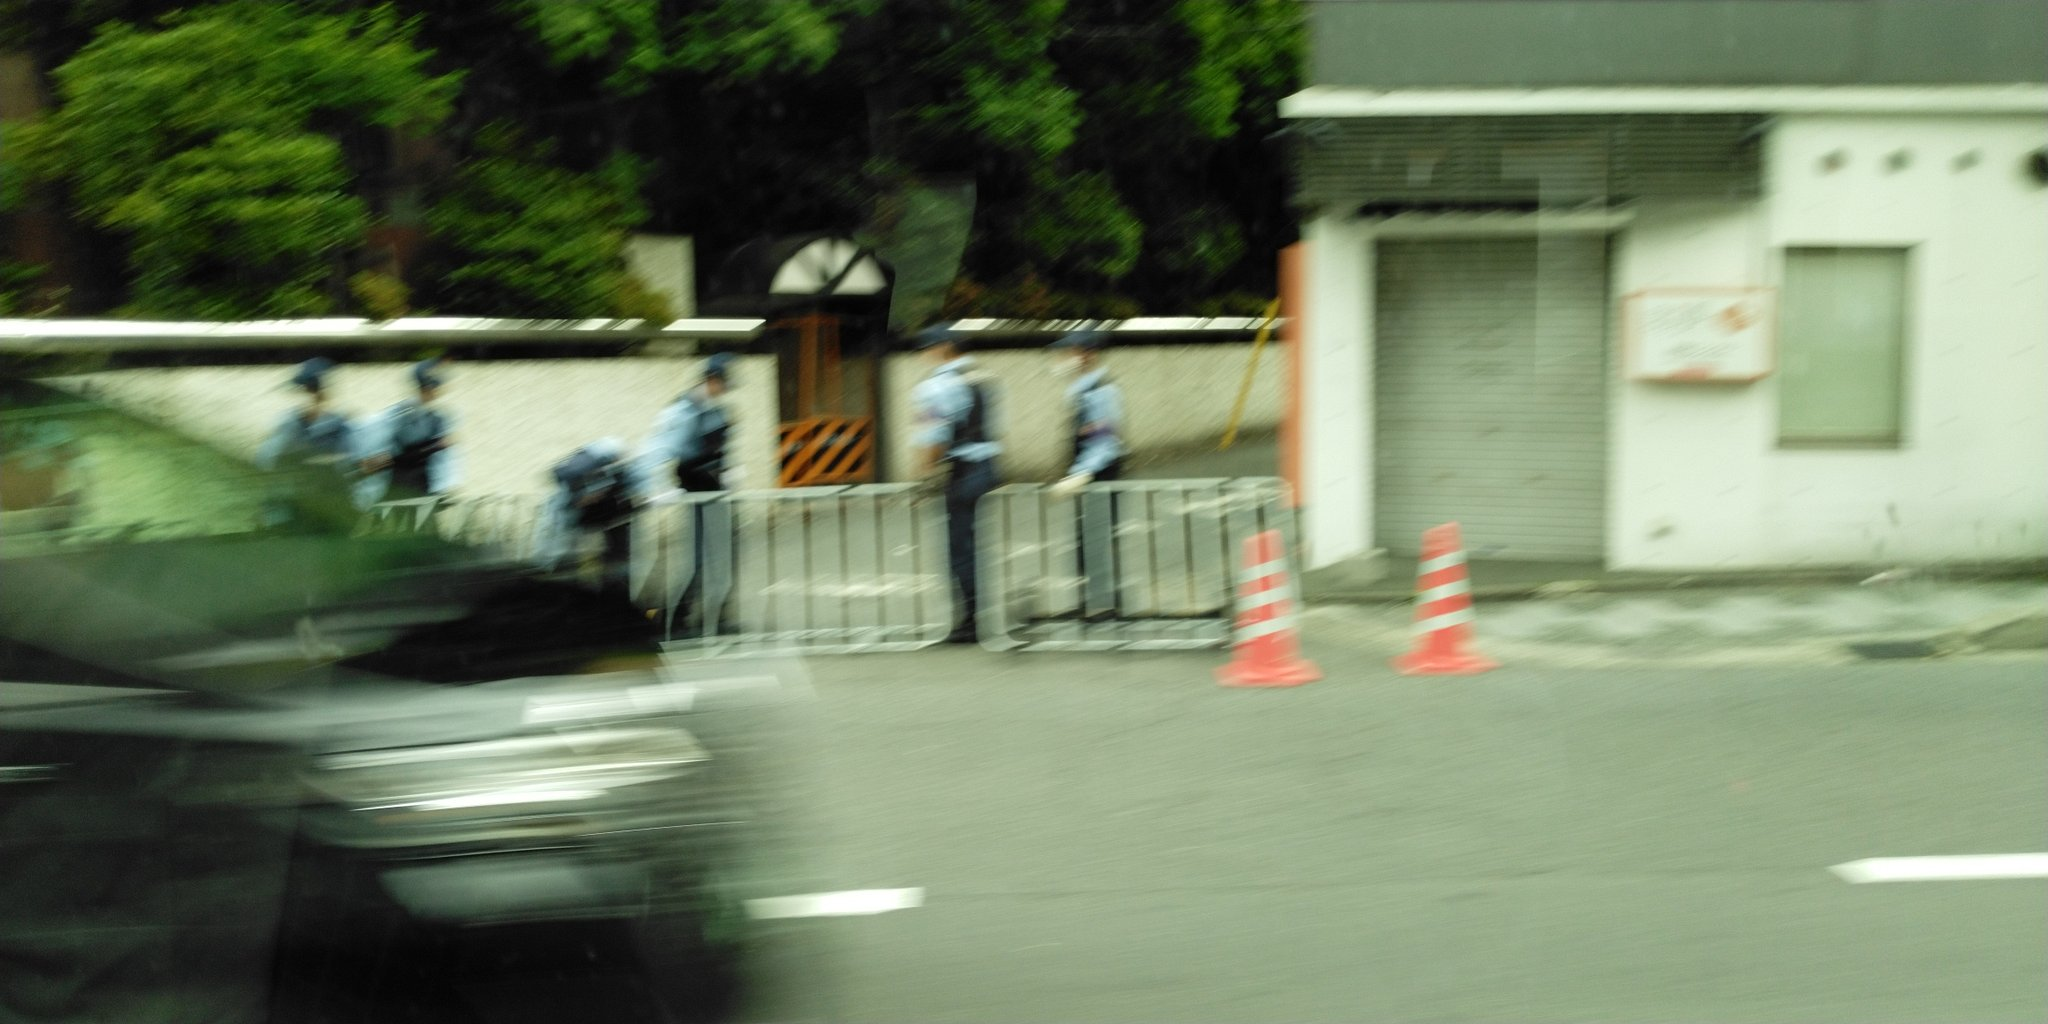 画像,京都市内、車の中からやからボヤけてる💦交差点ごとにお巡りさんいてて、バリケード張ったり、交差点の端にバリケードを畳んで置いてた。吹田の事件と関係あんのかな??市…